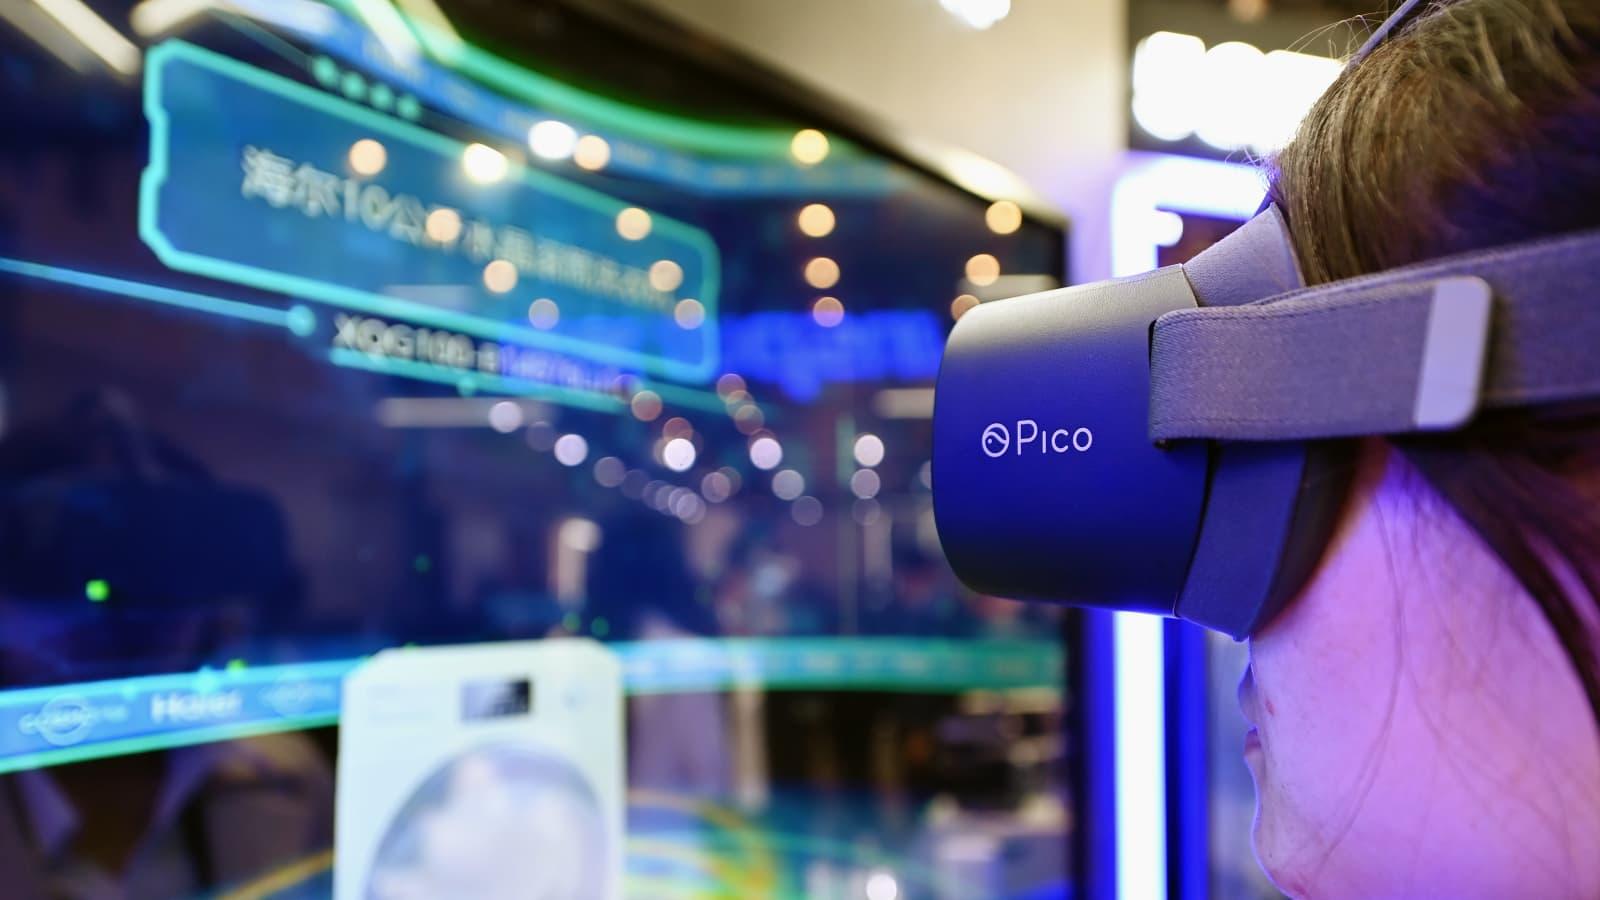 Compania-mamă a TikTok, ByteDance, a achiziționat producătorul de căști VR Pico